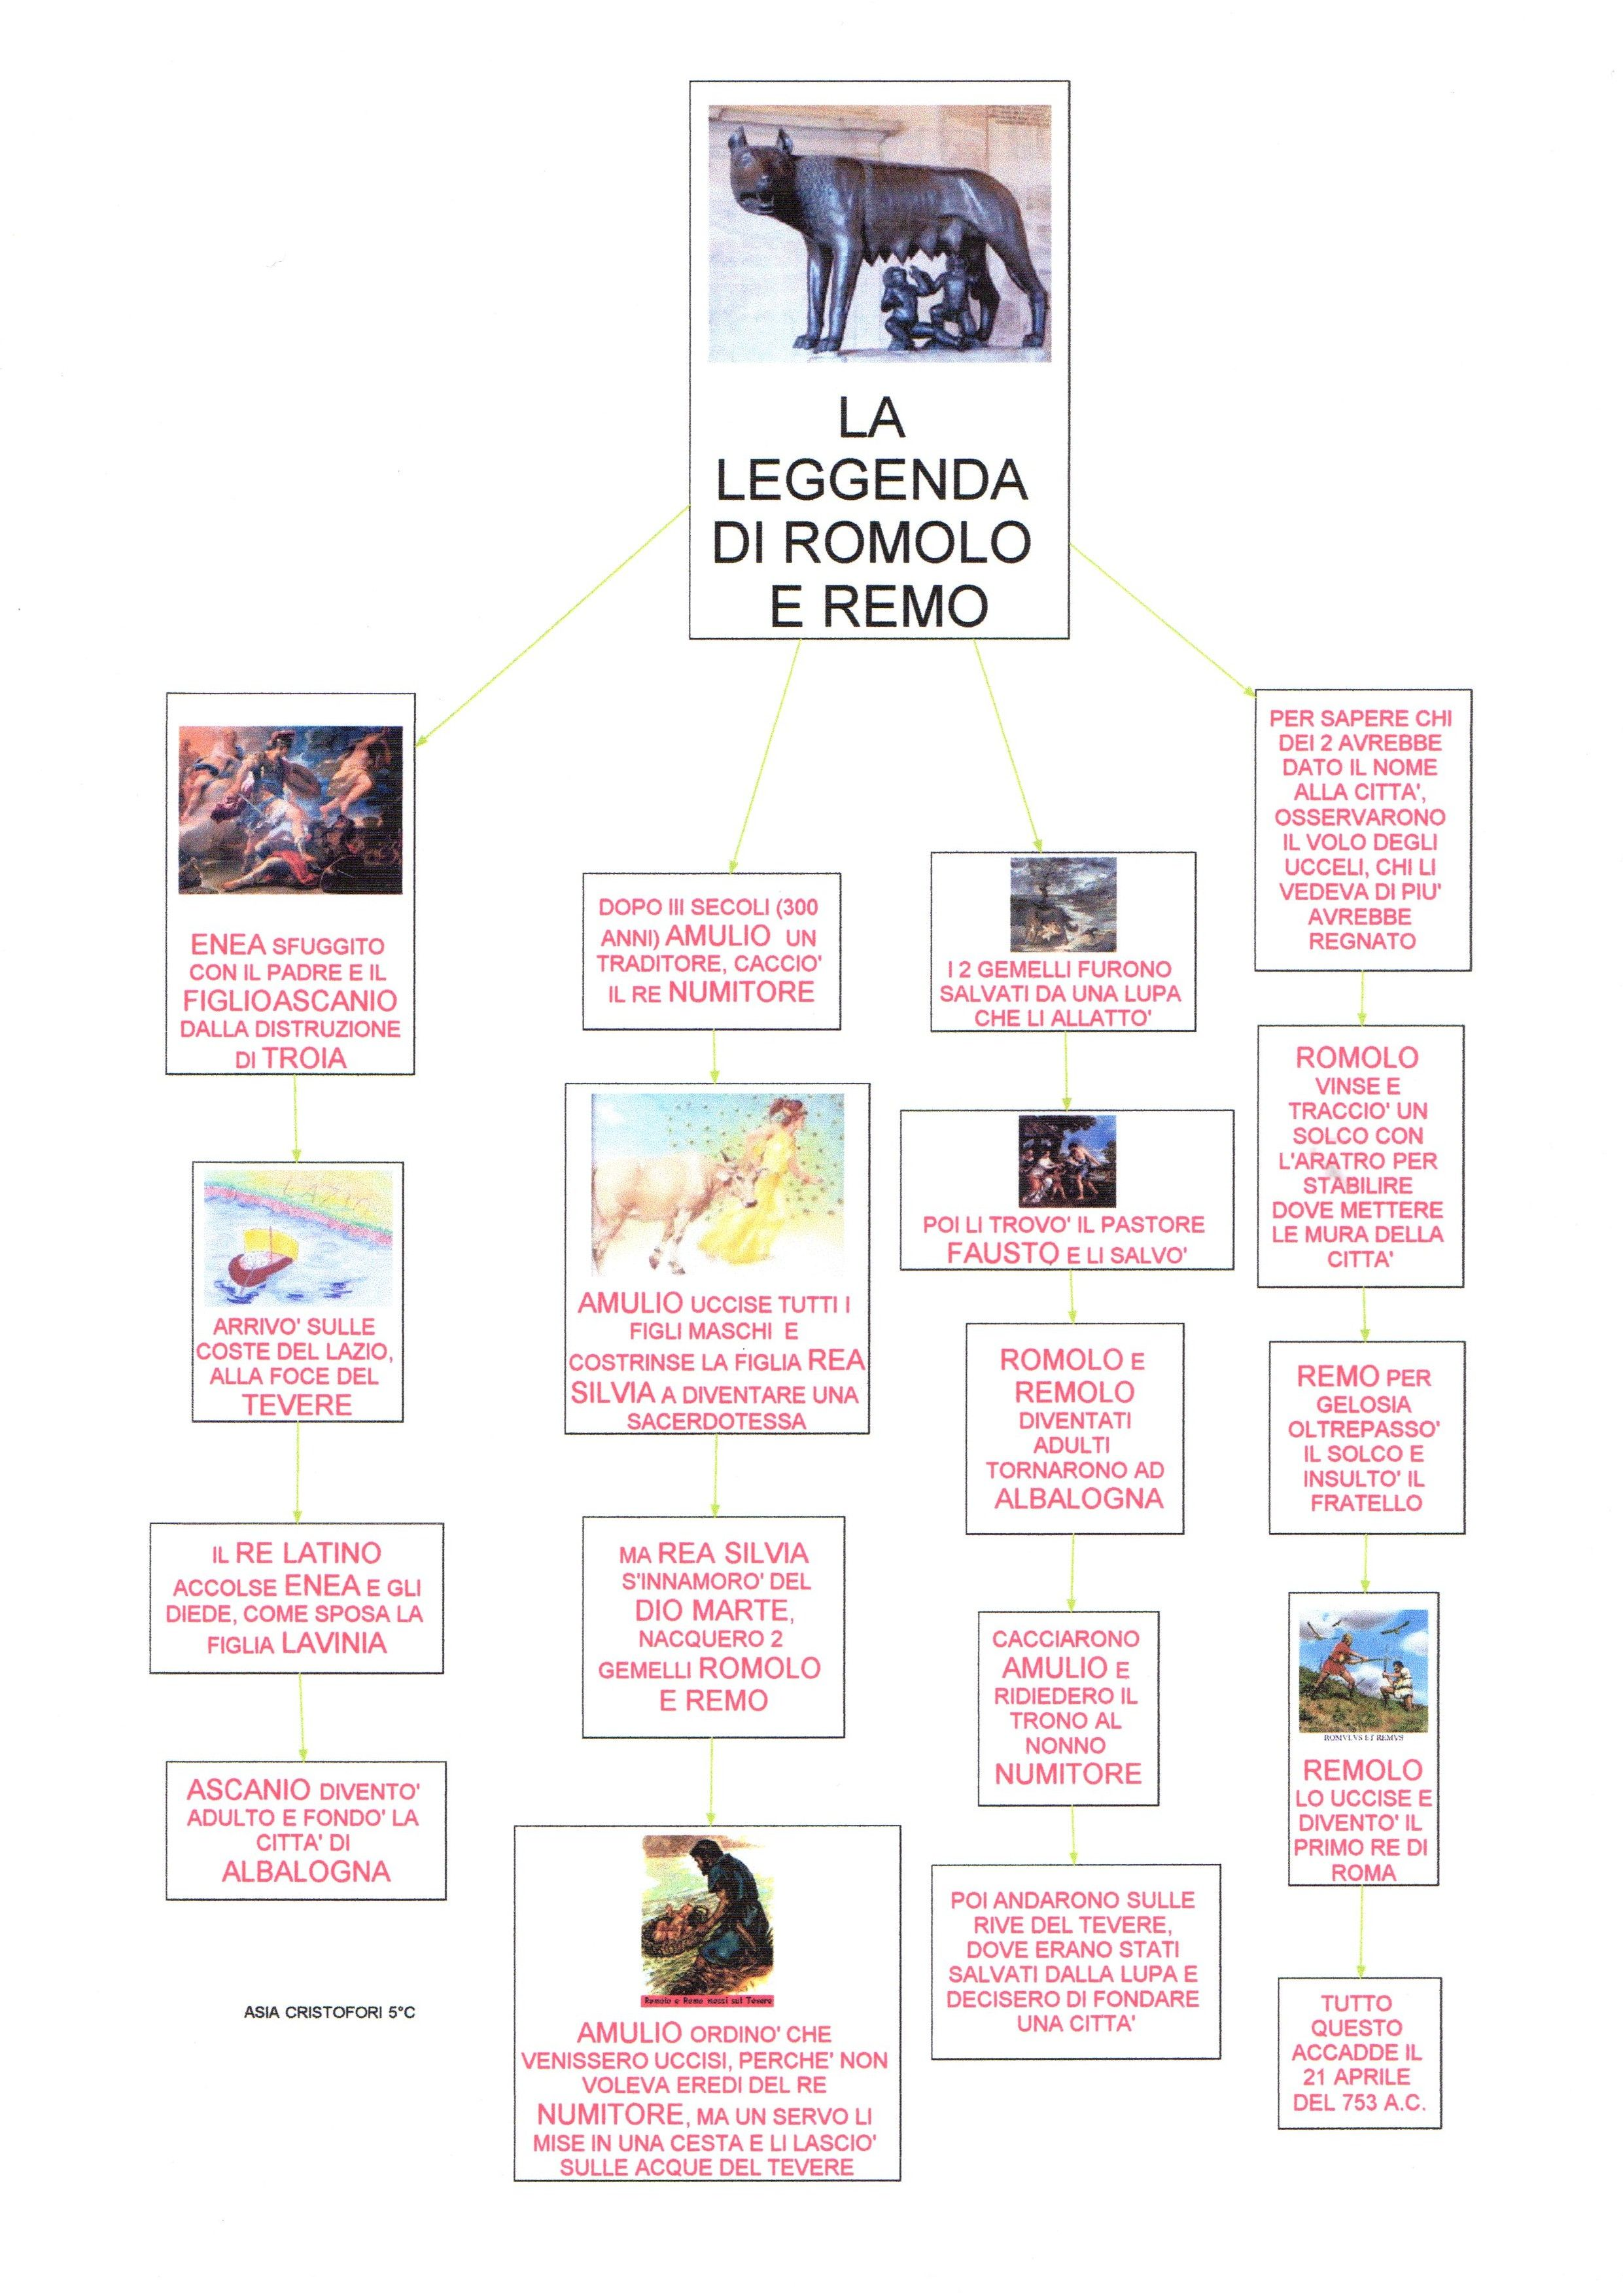 Mappa storia: Romolo e Remo